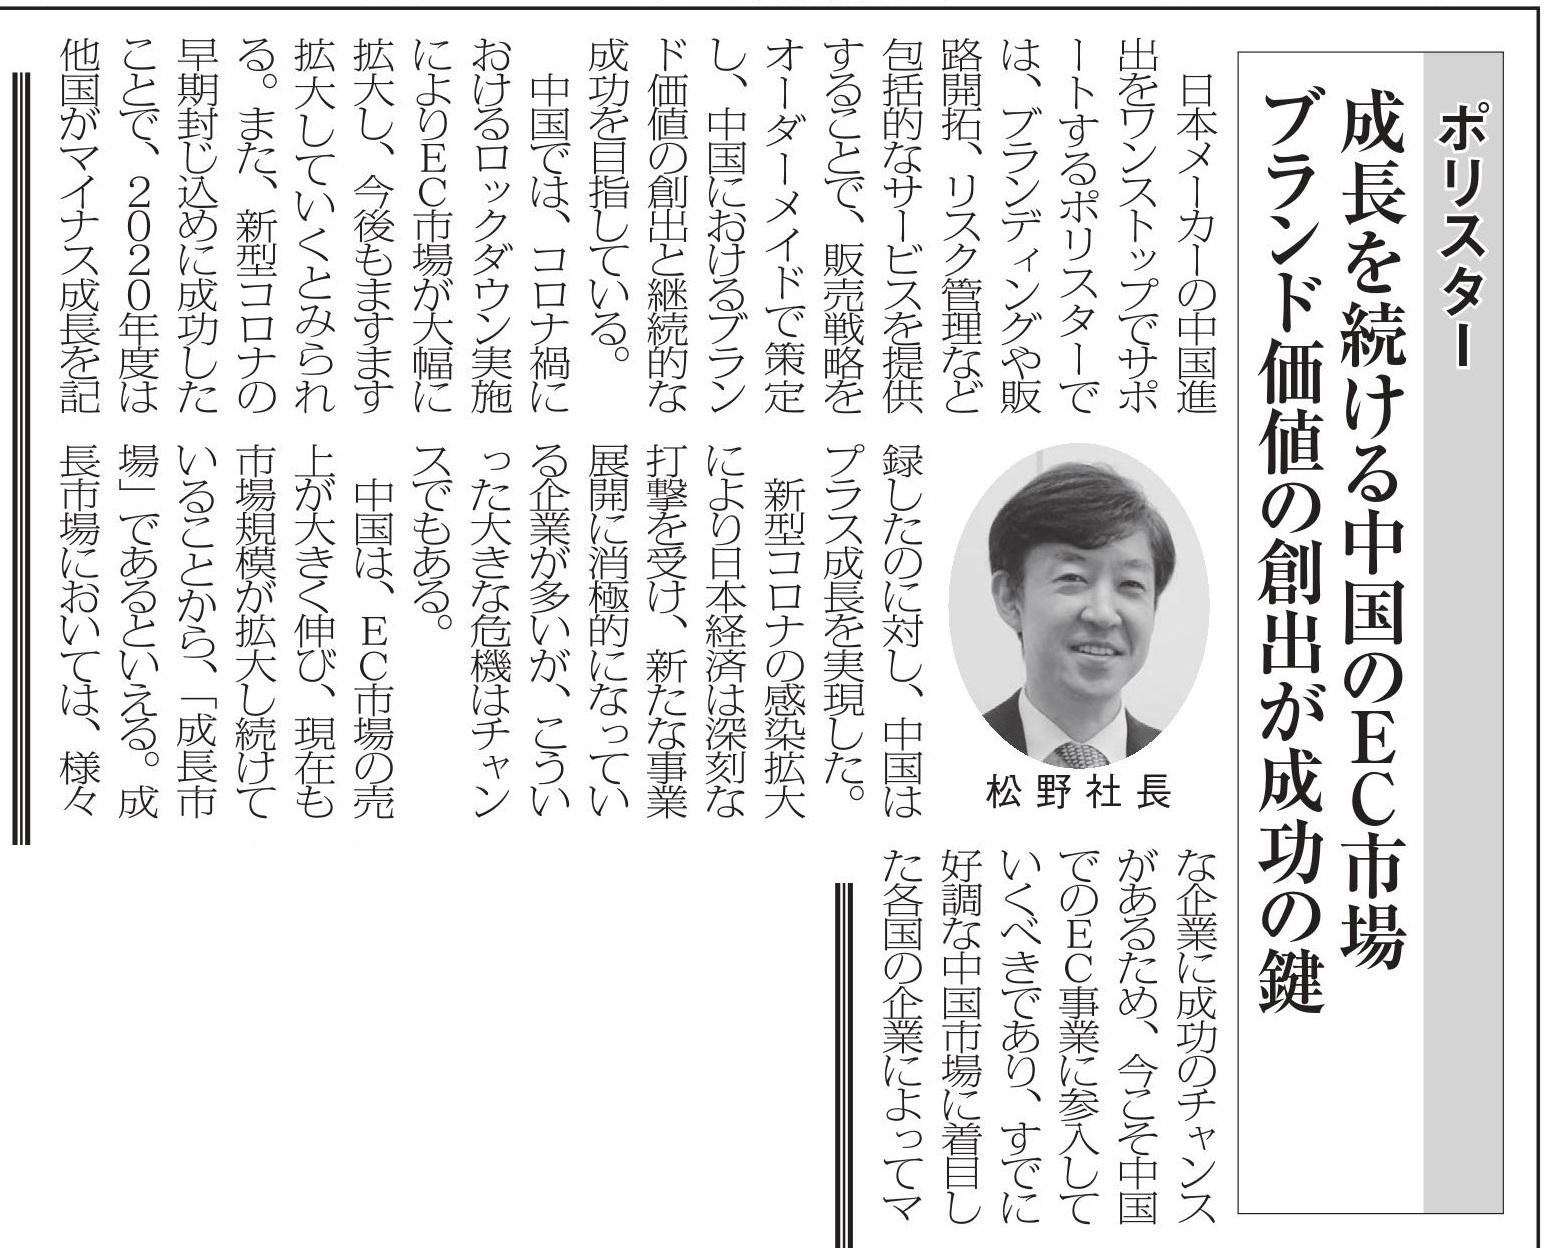 週刊粧業(1/25付):ポリスター代表松野のインタビューが掲載されました。